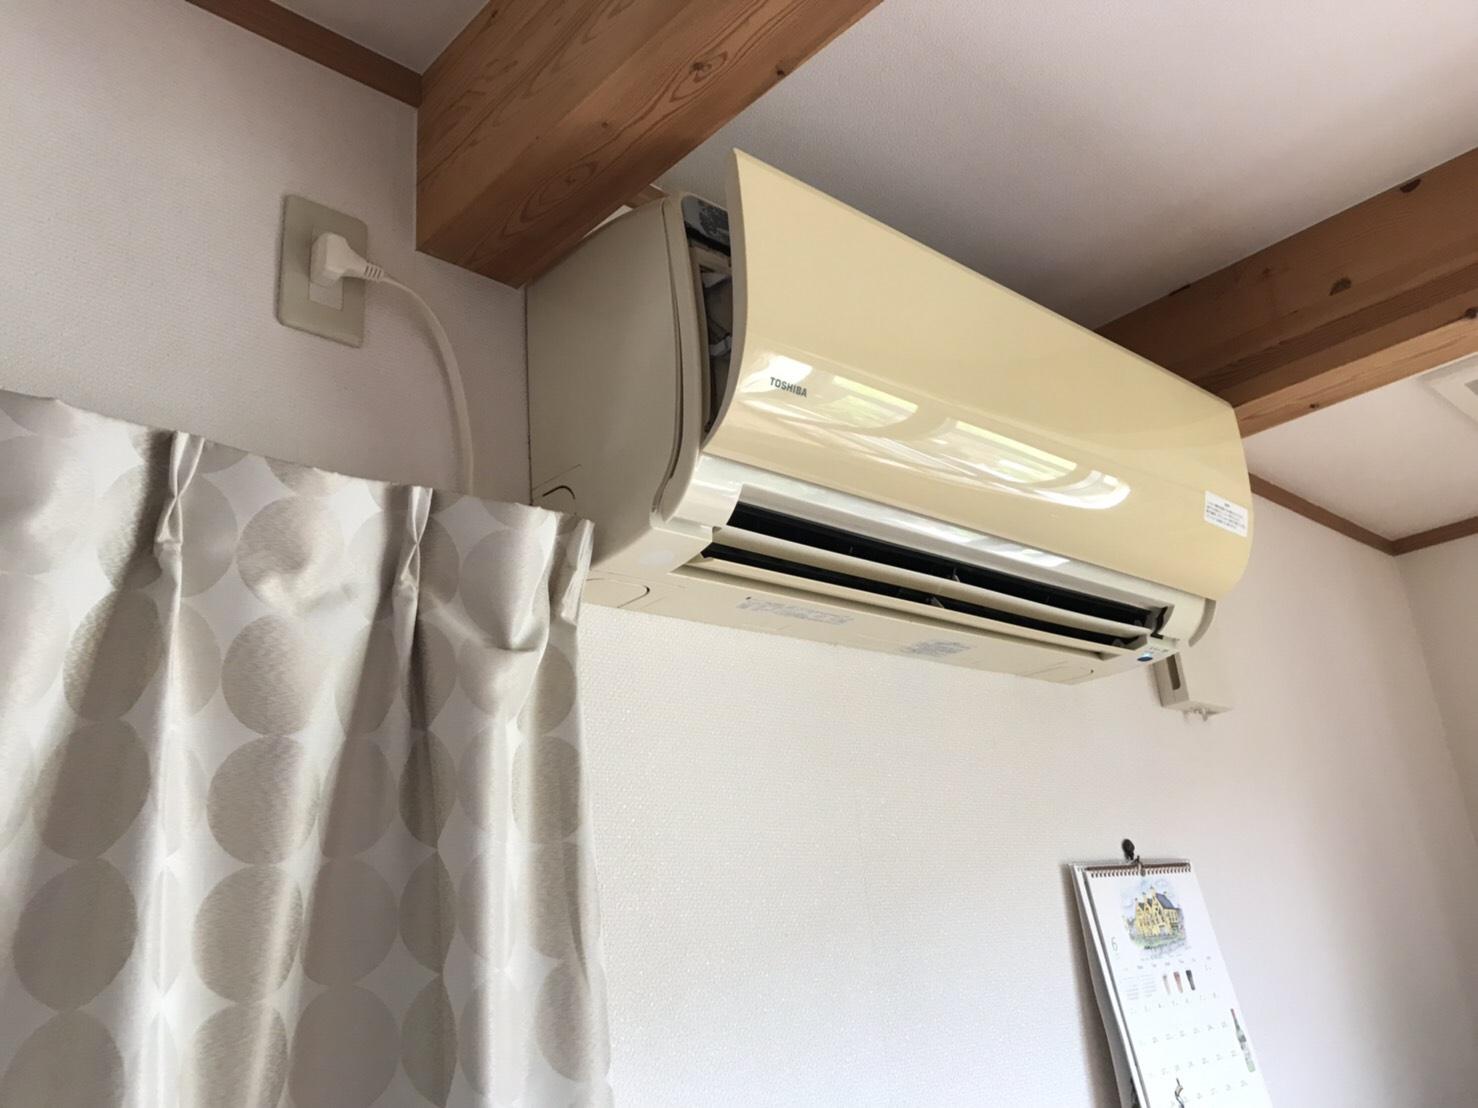 佐賀市本庄町フィルターお掃除ロボット付きエアコンの分解洗浄!